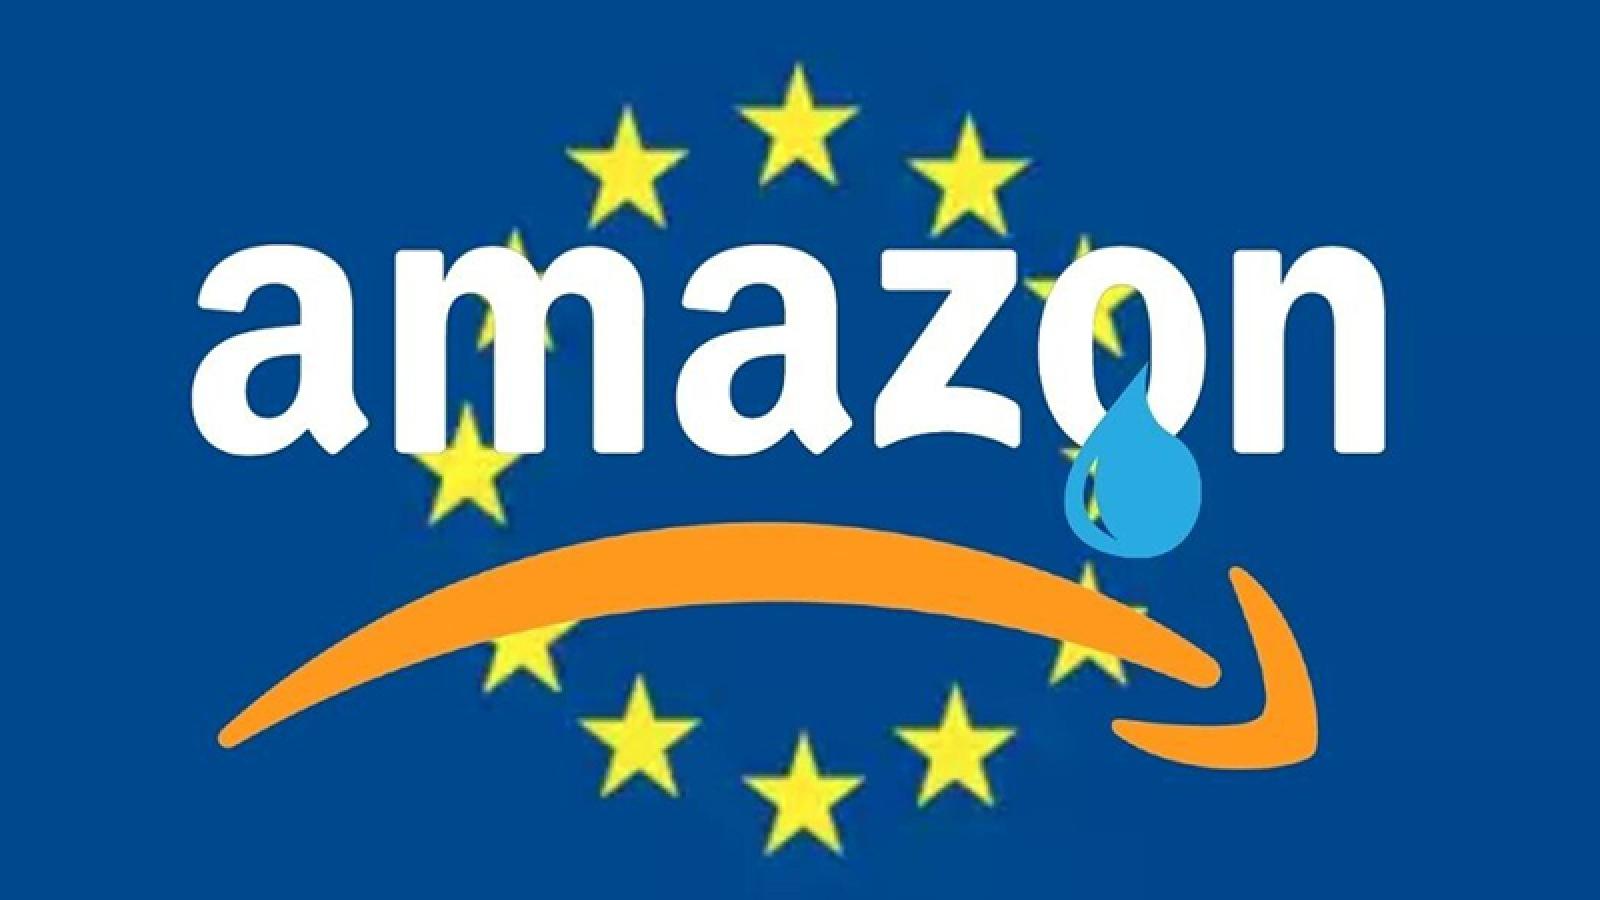 Liên minh Châu Âu ra án phạt kỷ lục cho Amazon